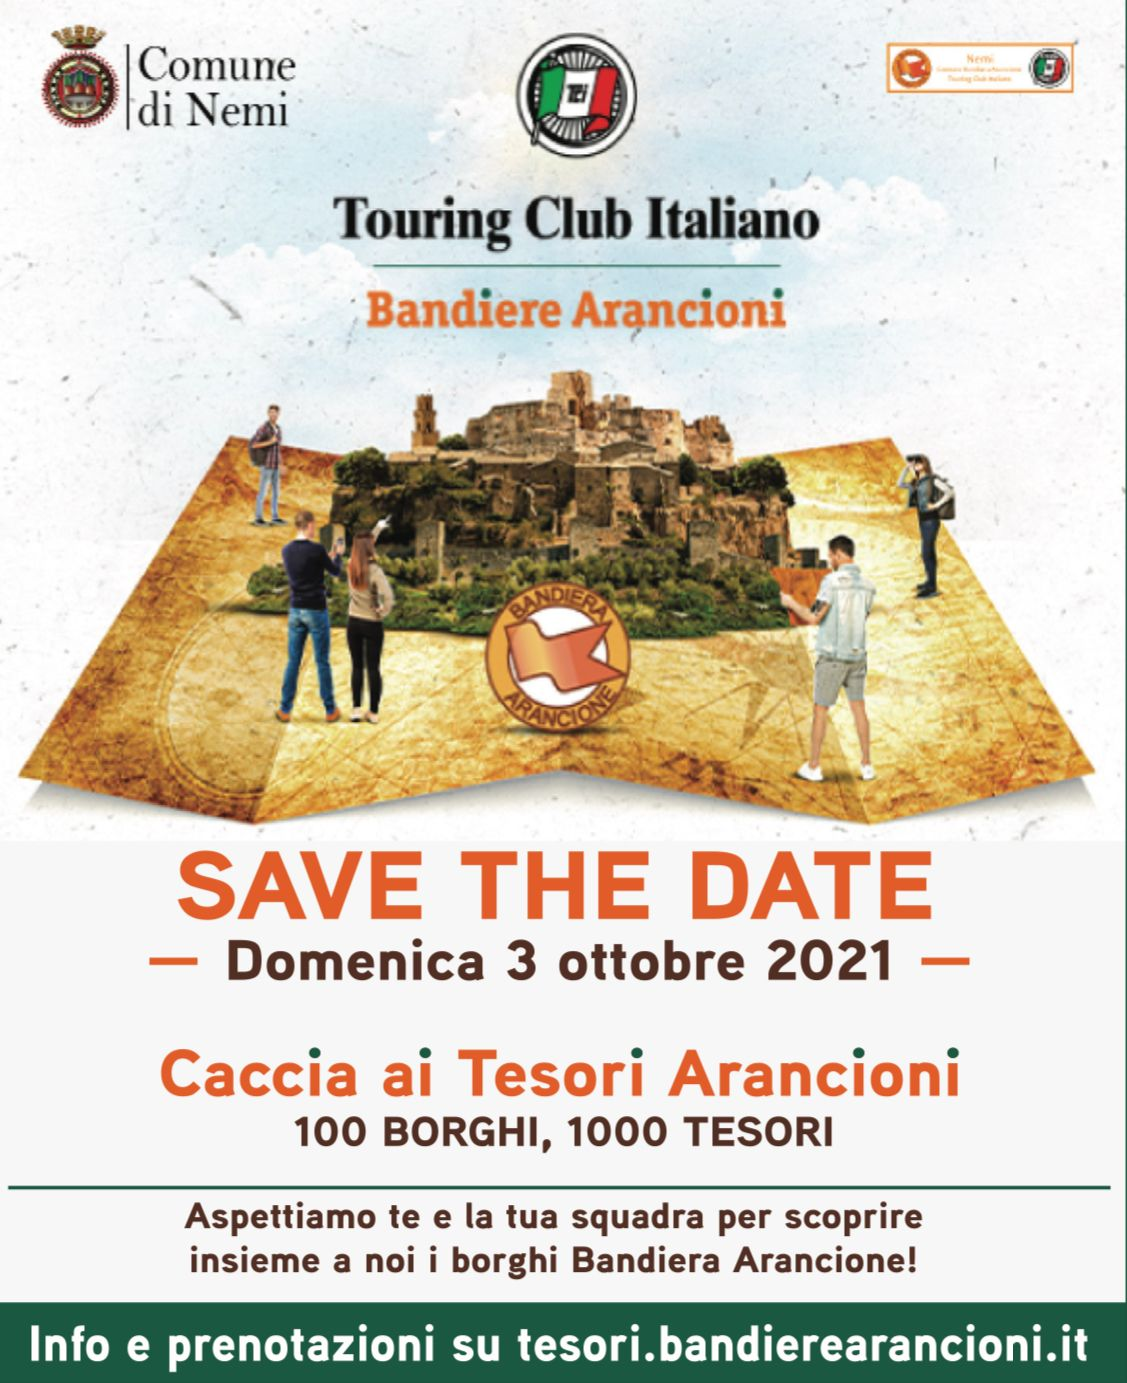 """NEMI, DOMENICA 3 OTTOBRE IL TOURING CLUB ITALIANO INVITA TUTTI ALLA """"CACCIA AI TESORI ARANCIONI"""""""